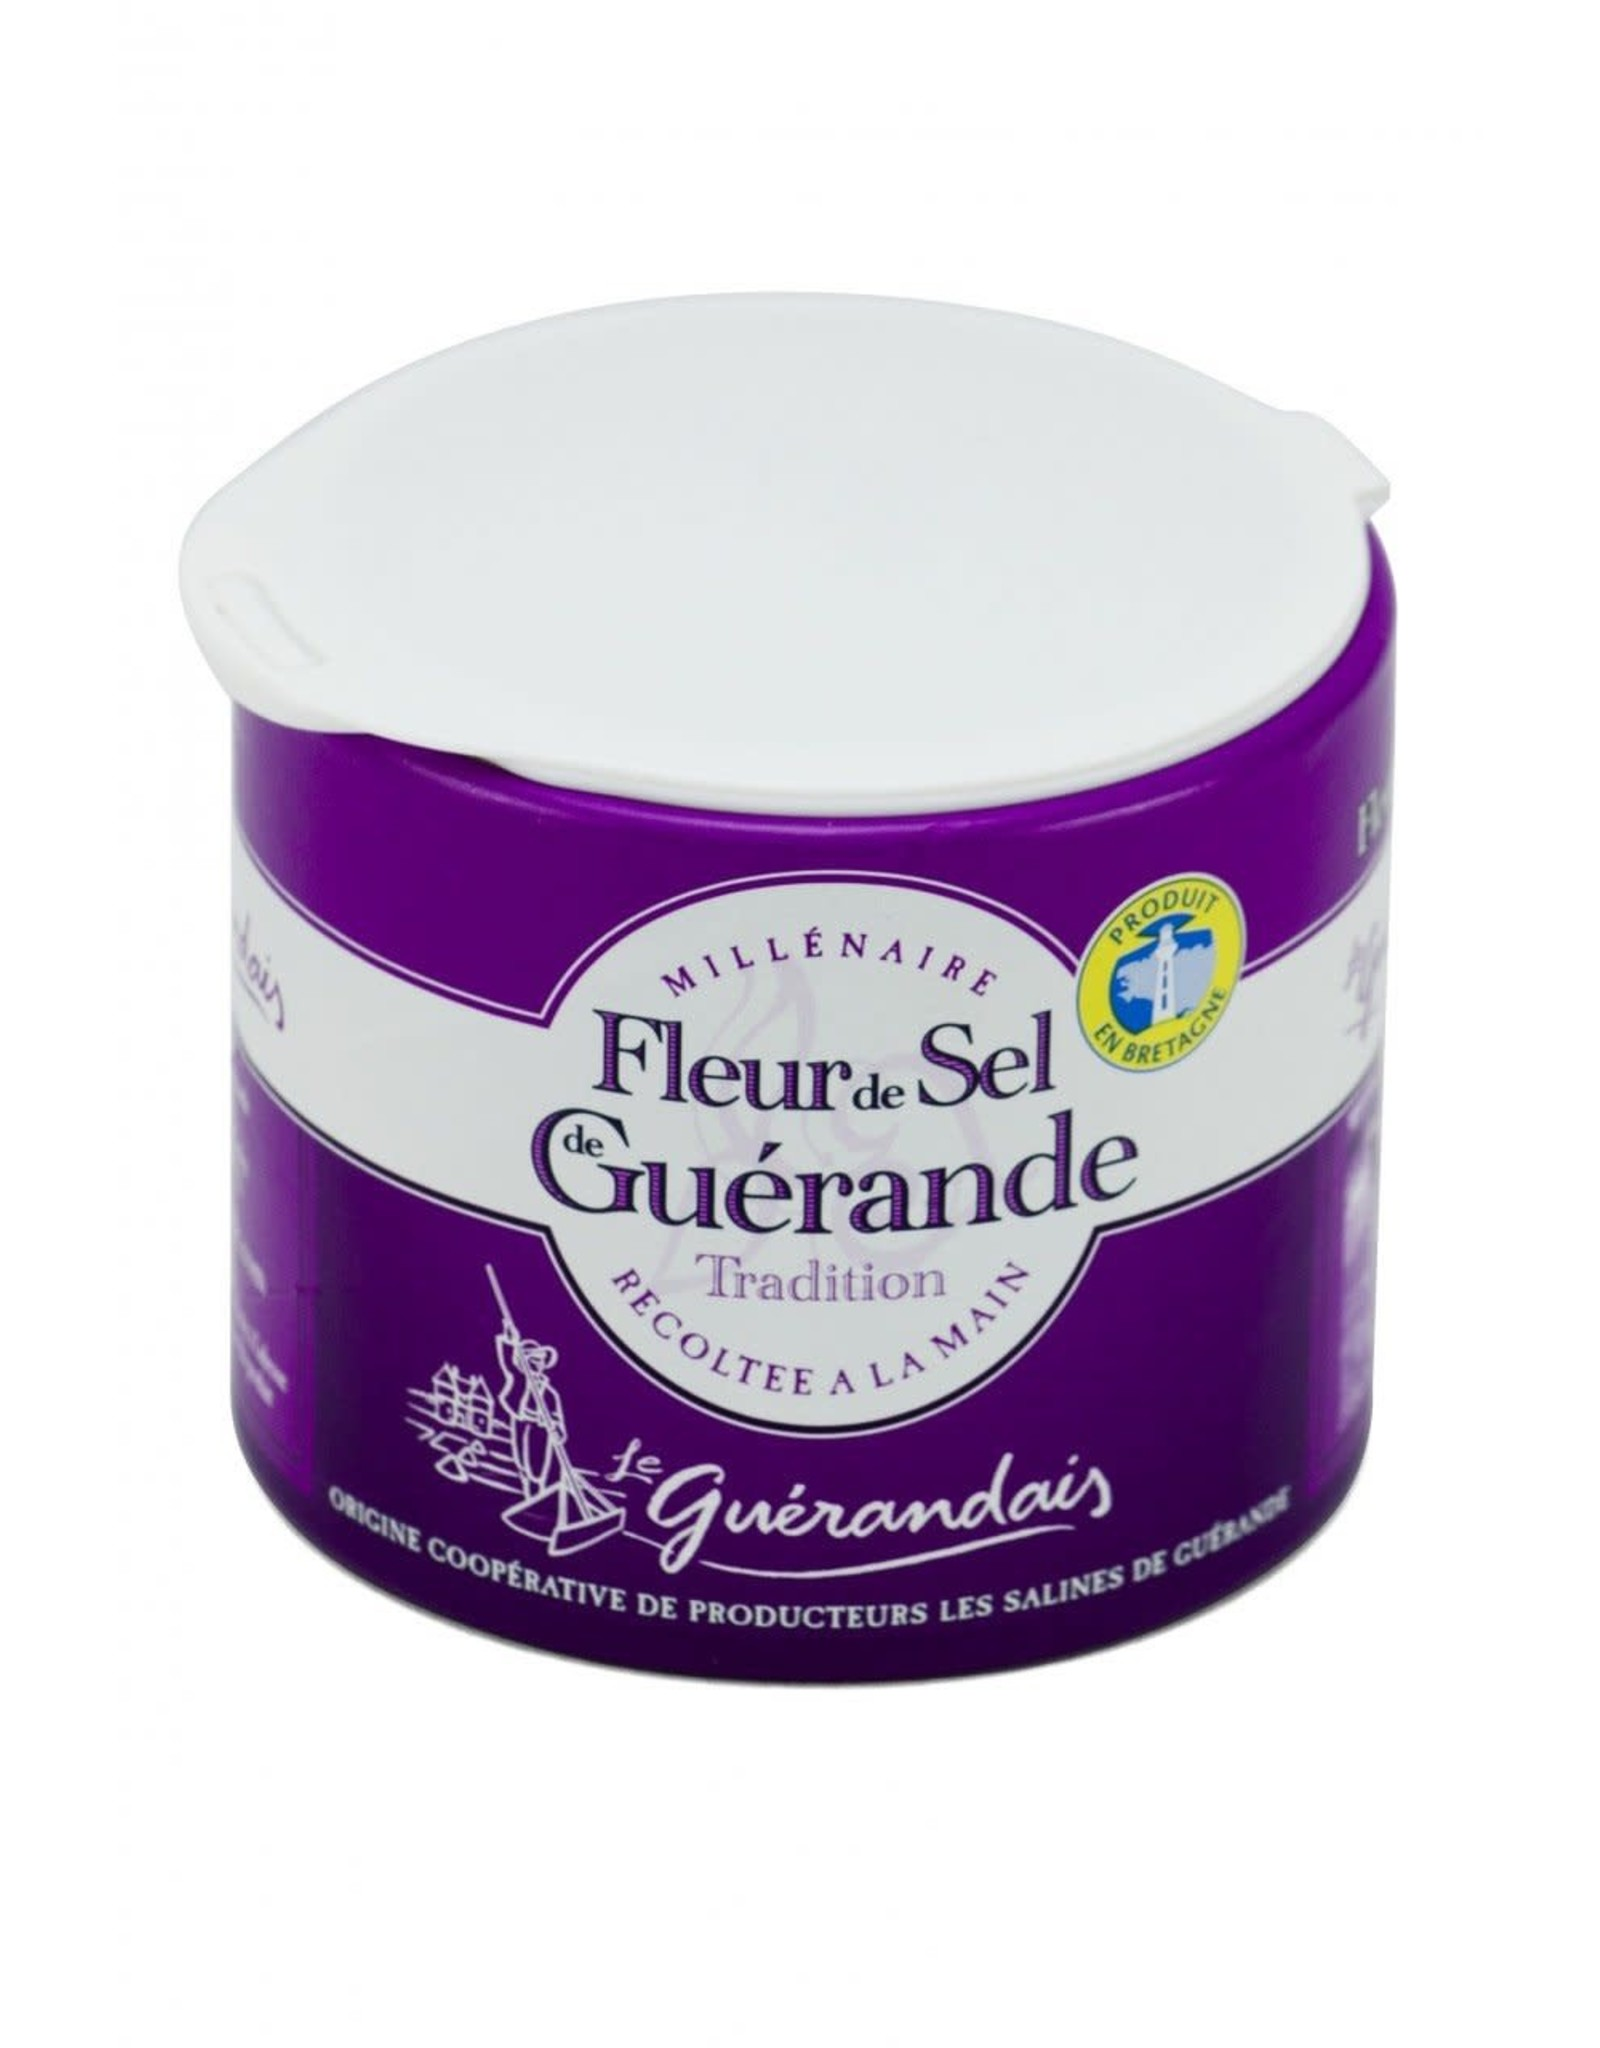 Le Guerandais Le Guerandais Fleur de Sel